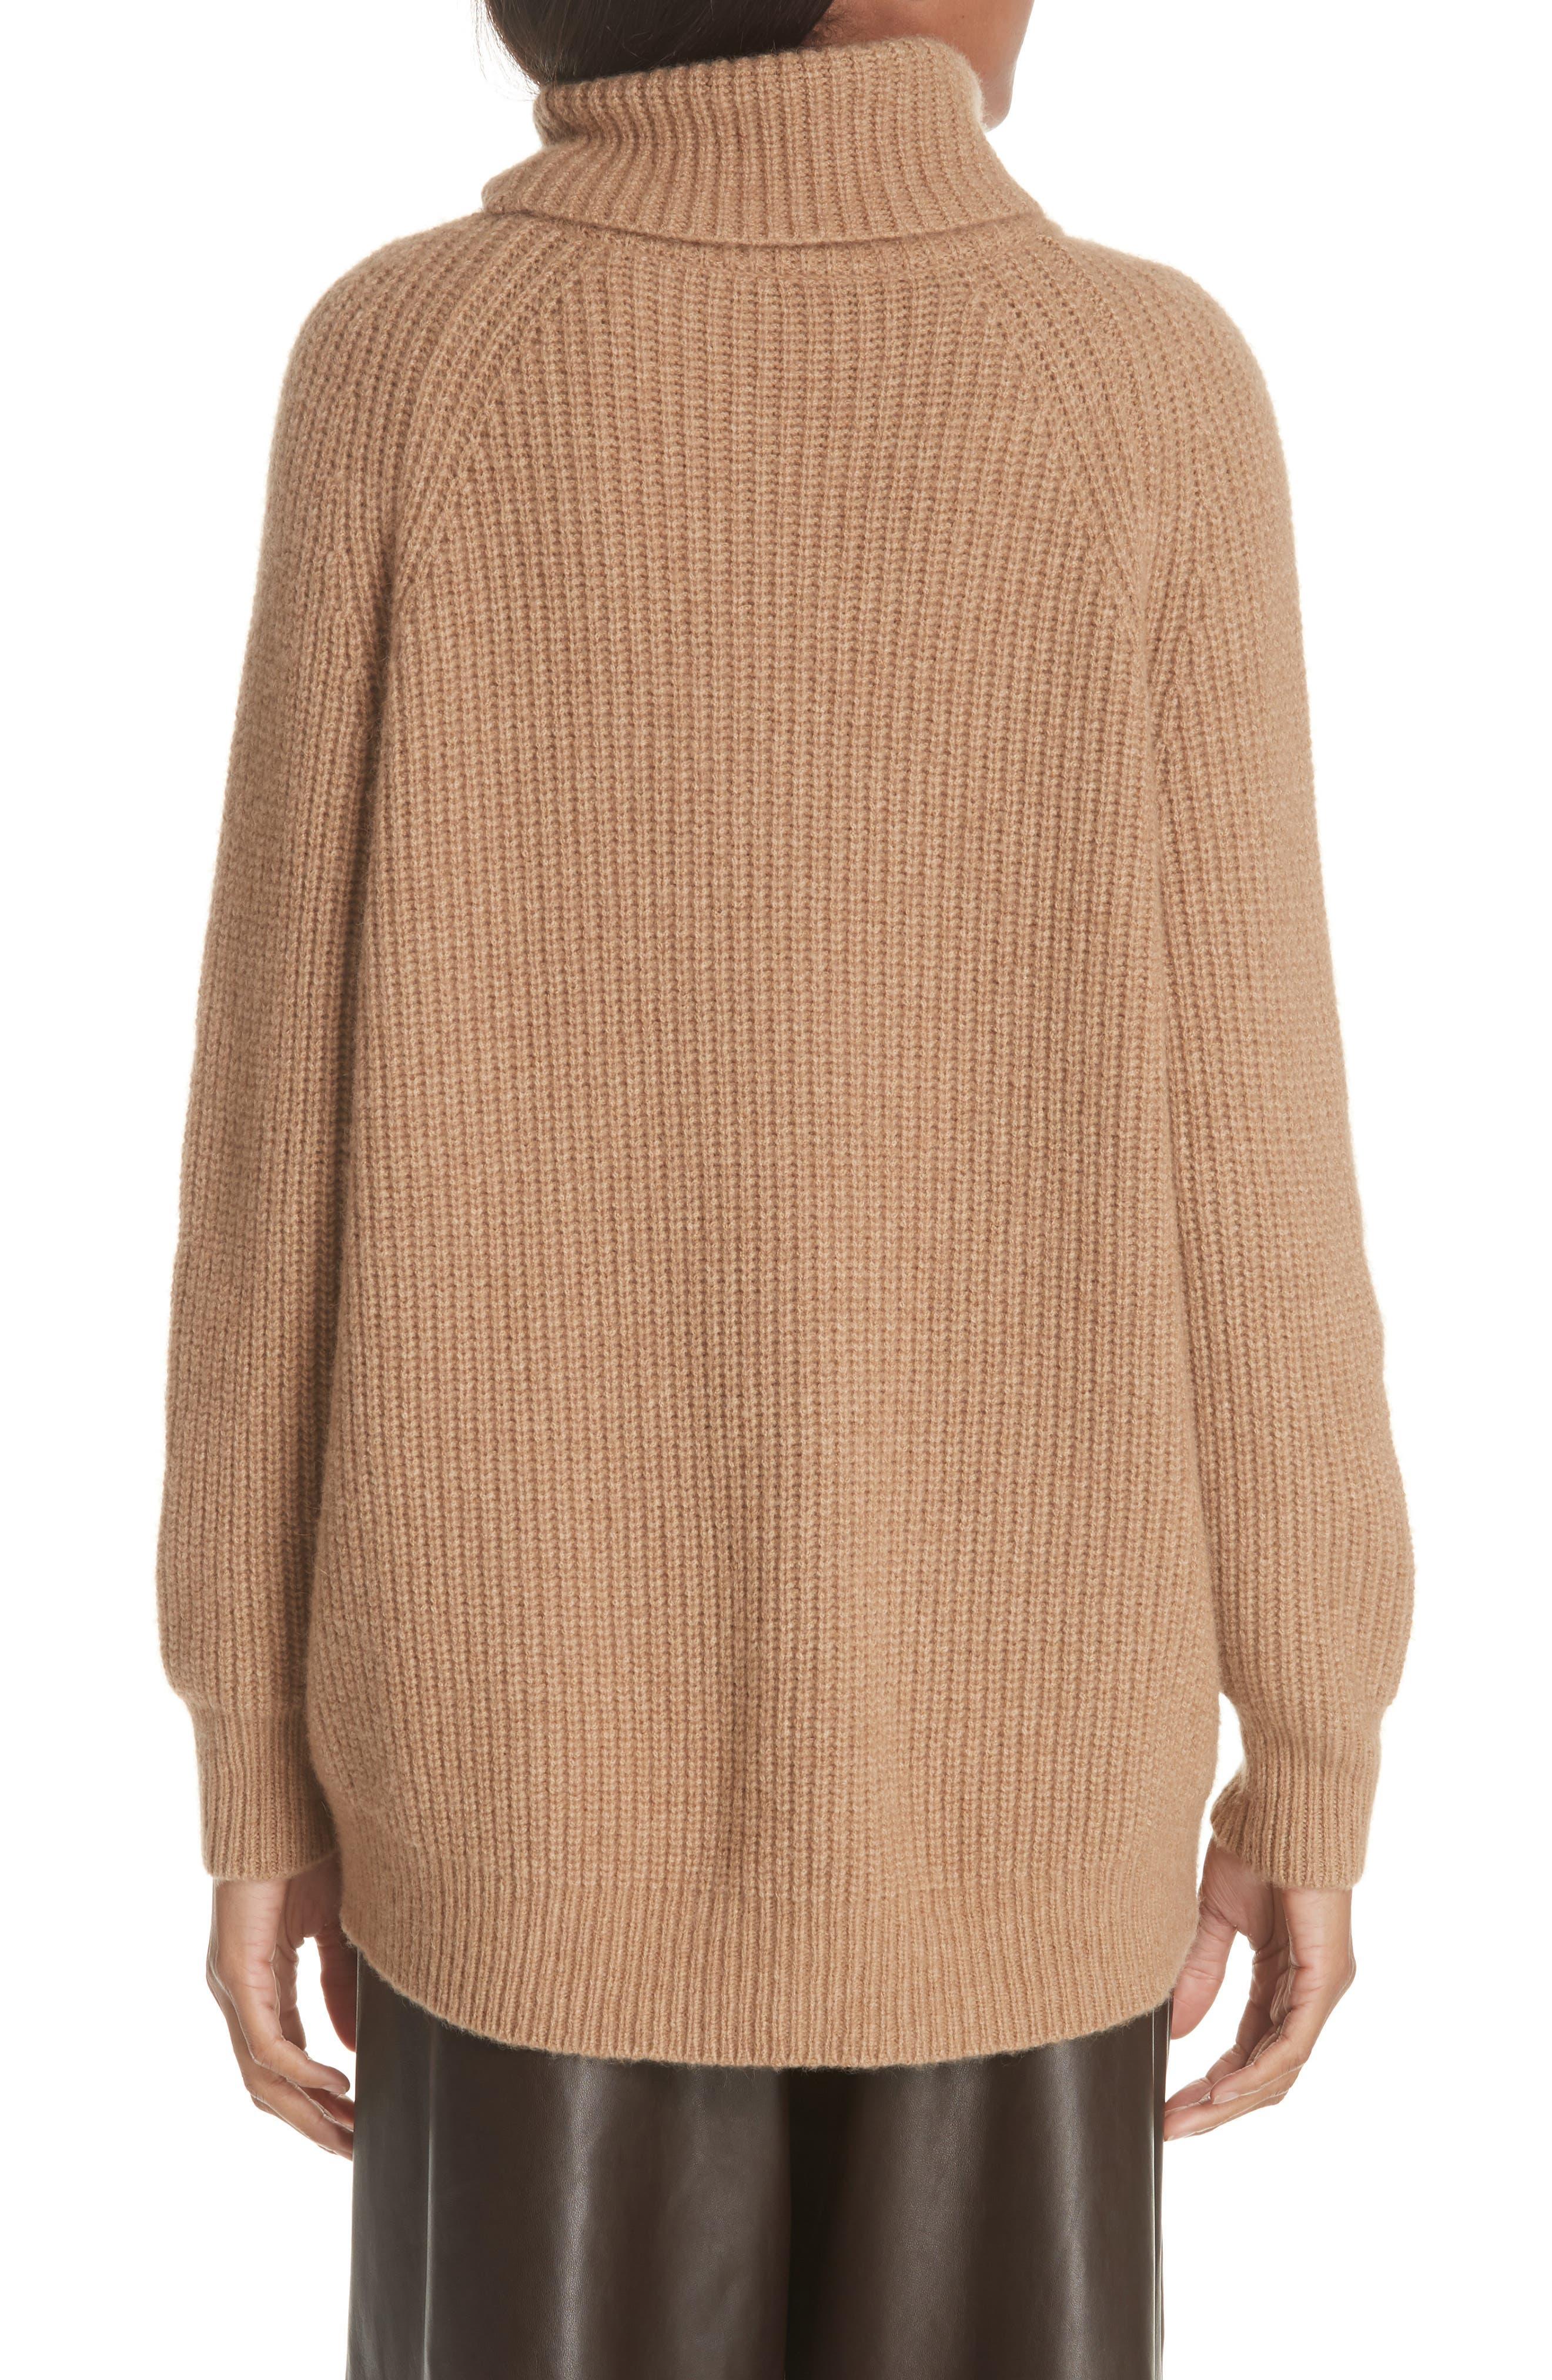 NILI LOTAN,                             Anitra Rib Knit Turtleneck Sweater,                             Alternate thumbnail 2, color,                             261